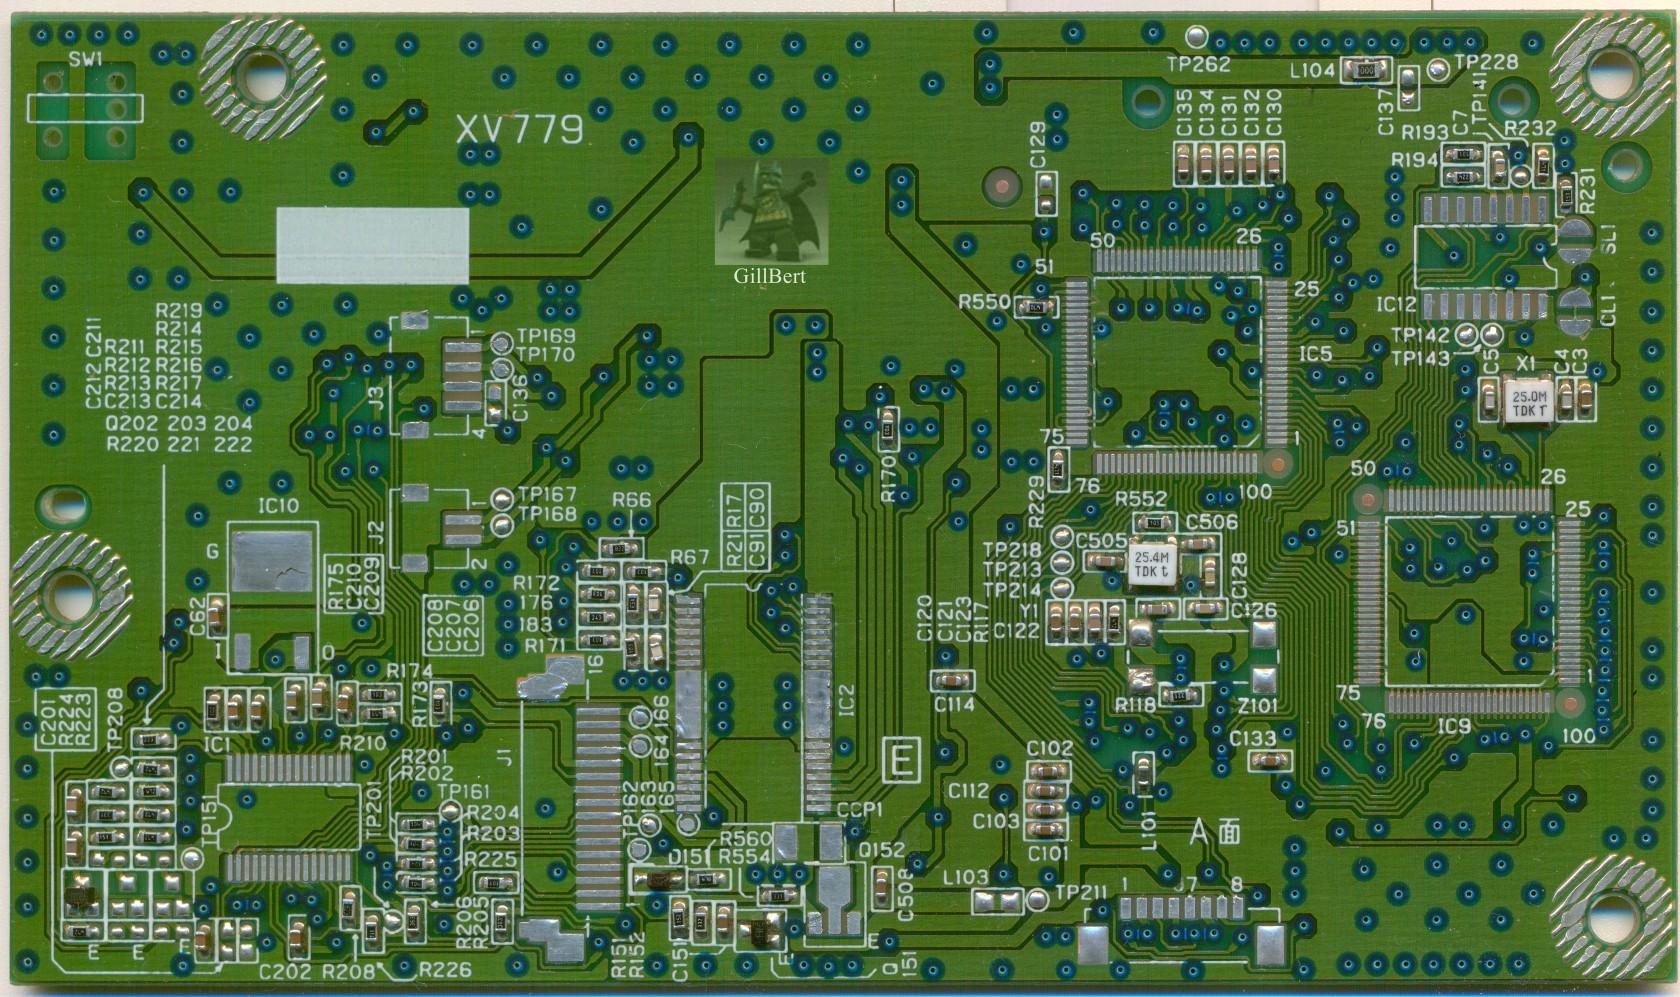 XV779-DC-GDROM-A-side.jpg